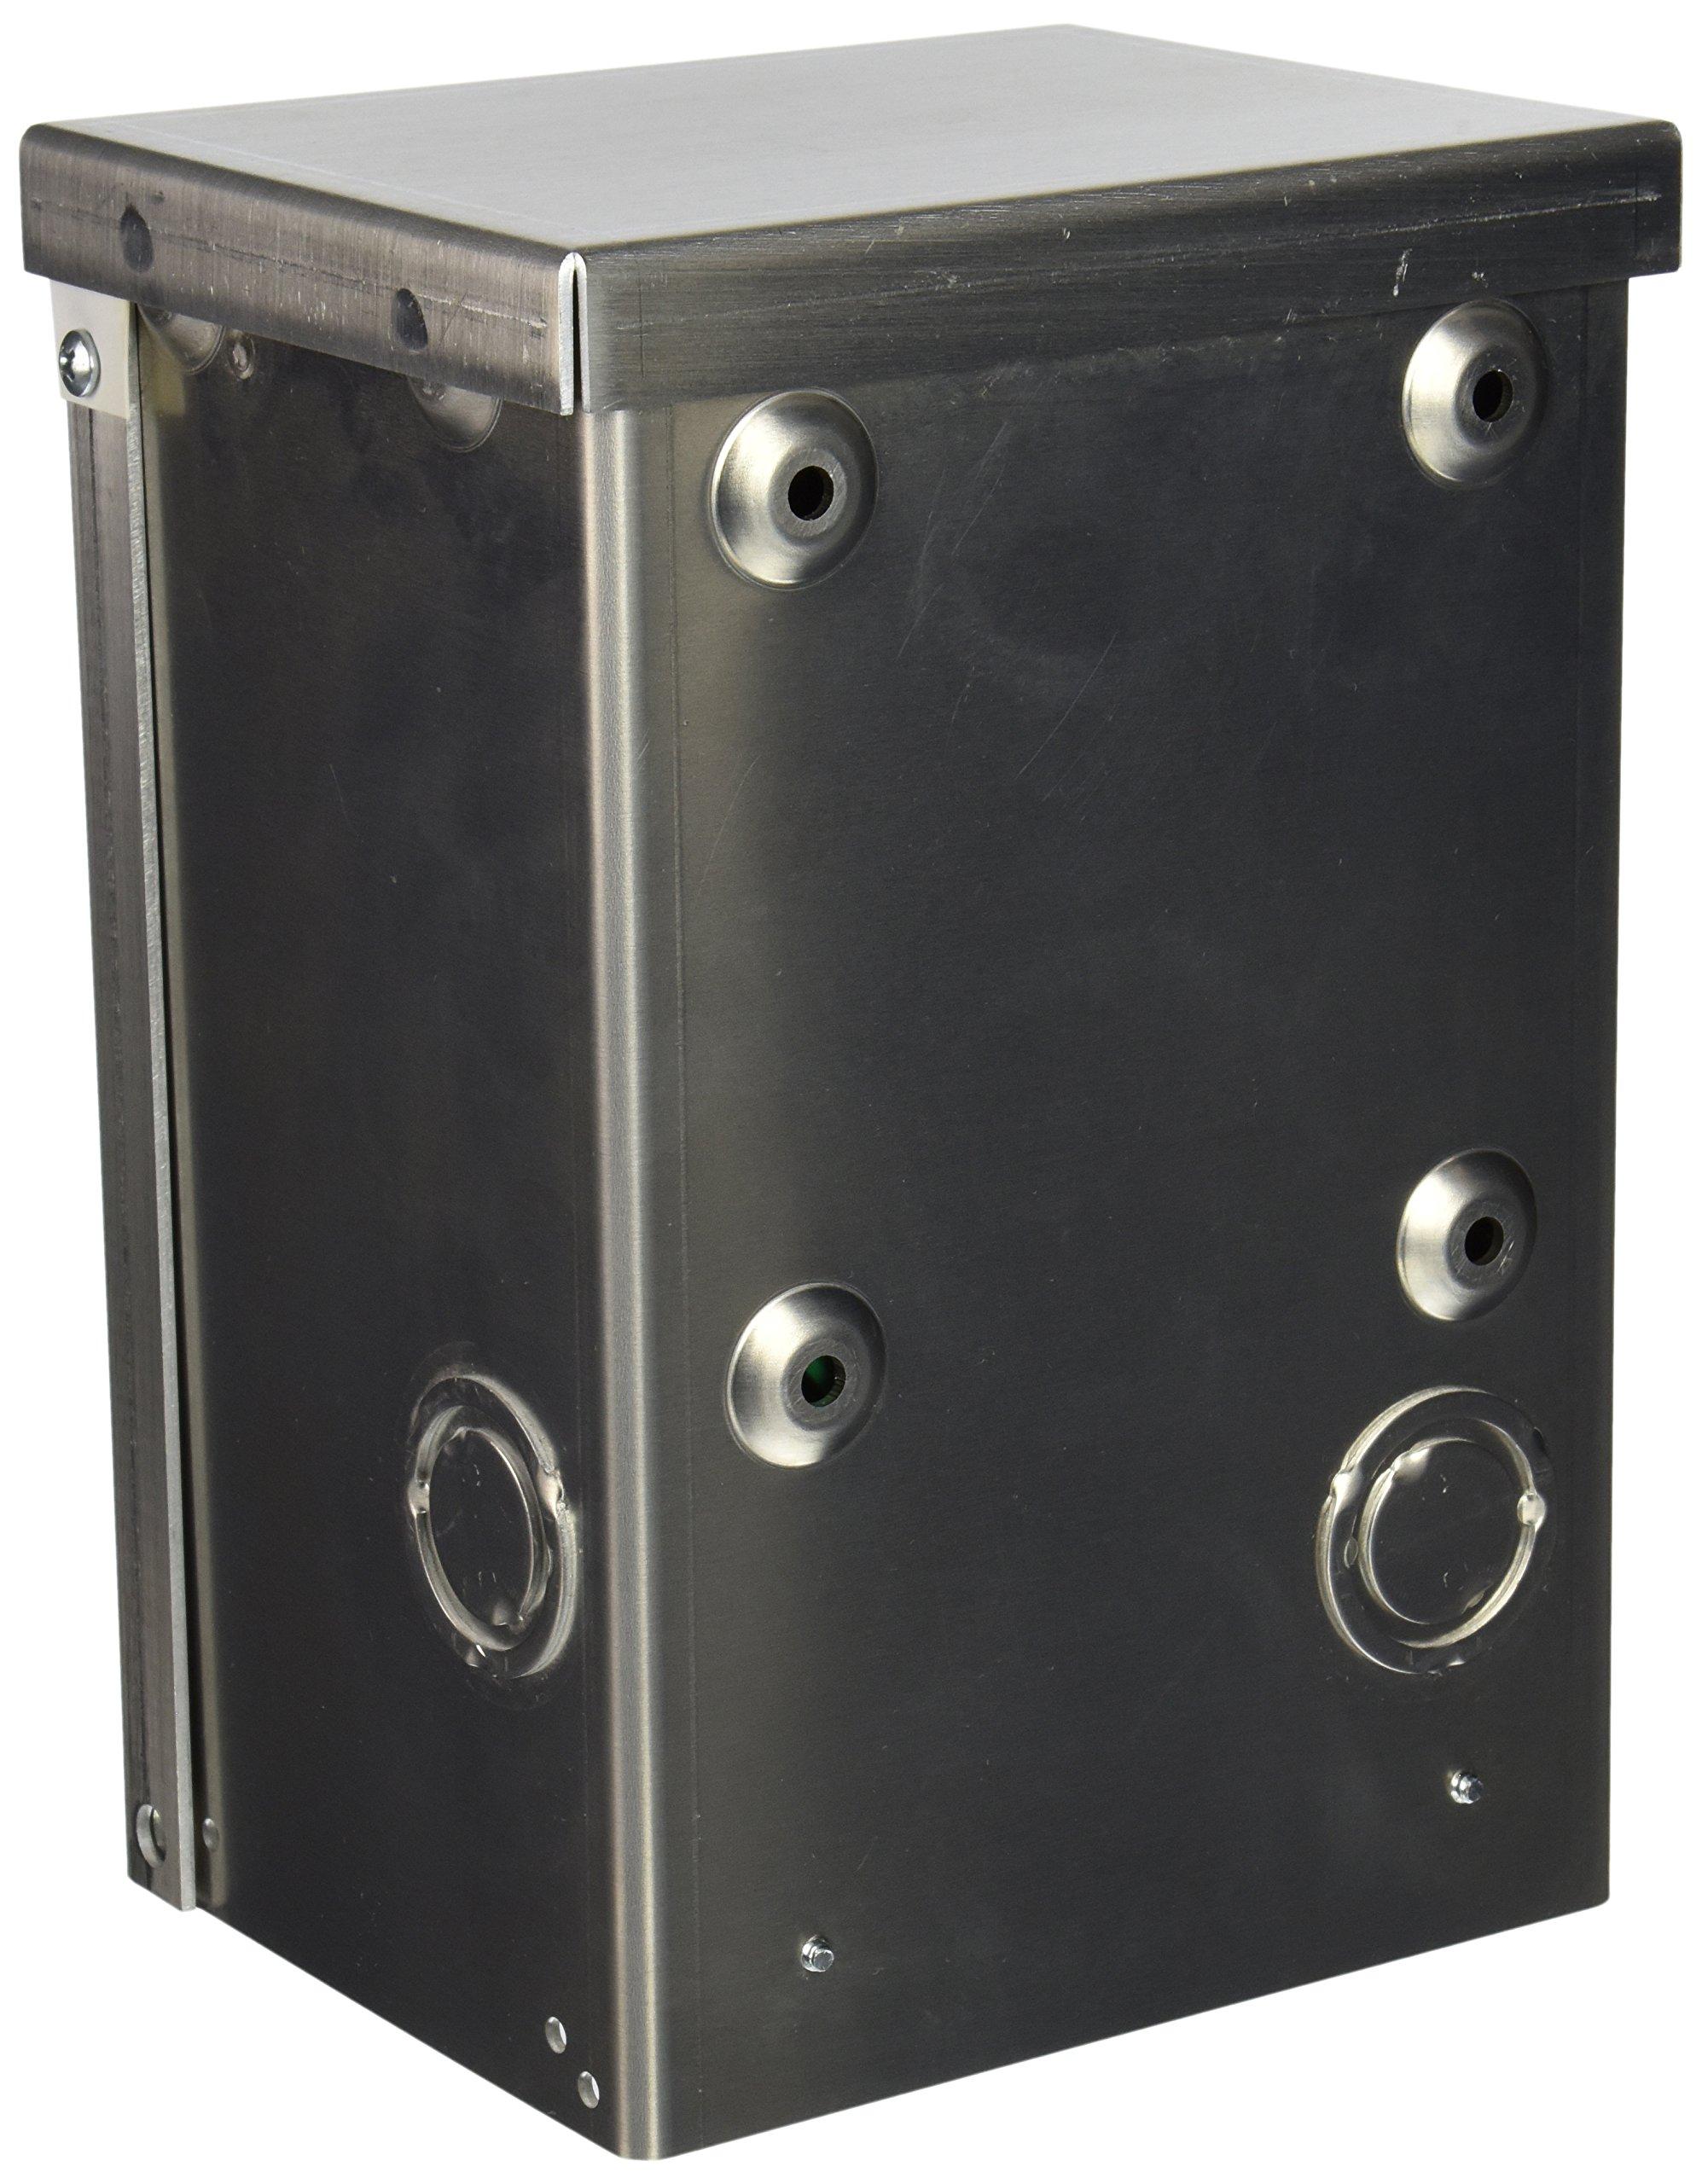 Generac 6375 15-Amp 125V Single-Circuit Outdoor Manual Transfer Switch for Maximum 7,500 Watt Generators by Generac (Image #2)